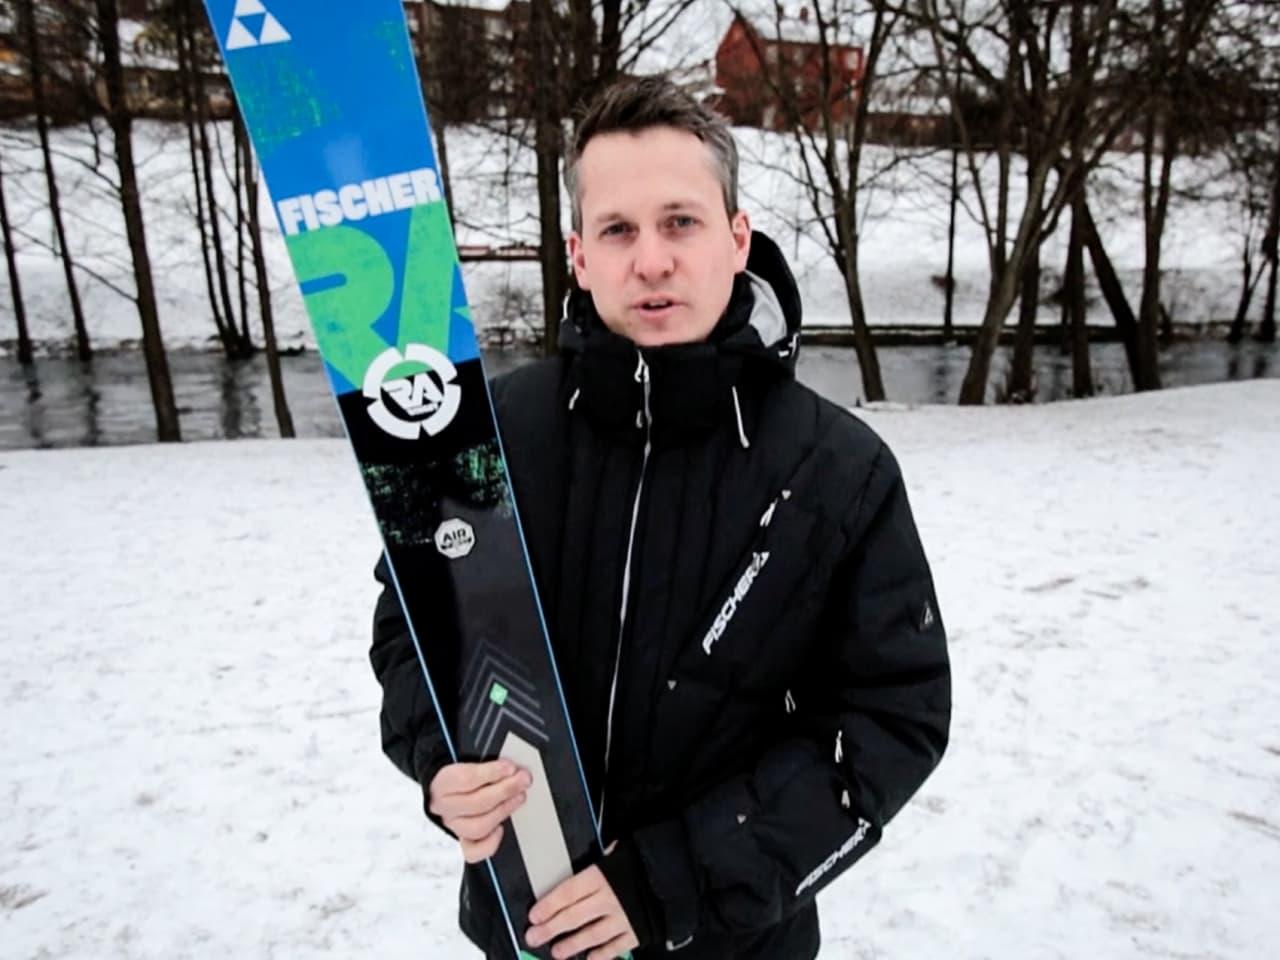 IMPORTØREN: Anders Høegh i Fischer Norge har litt av hvert å si om den nye Ranger-skia. Foto: Christian Nerdrum